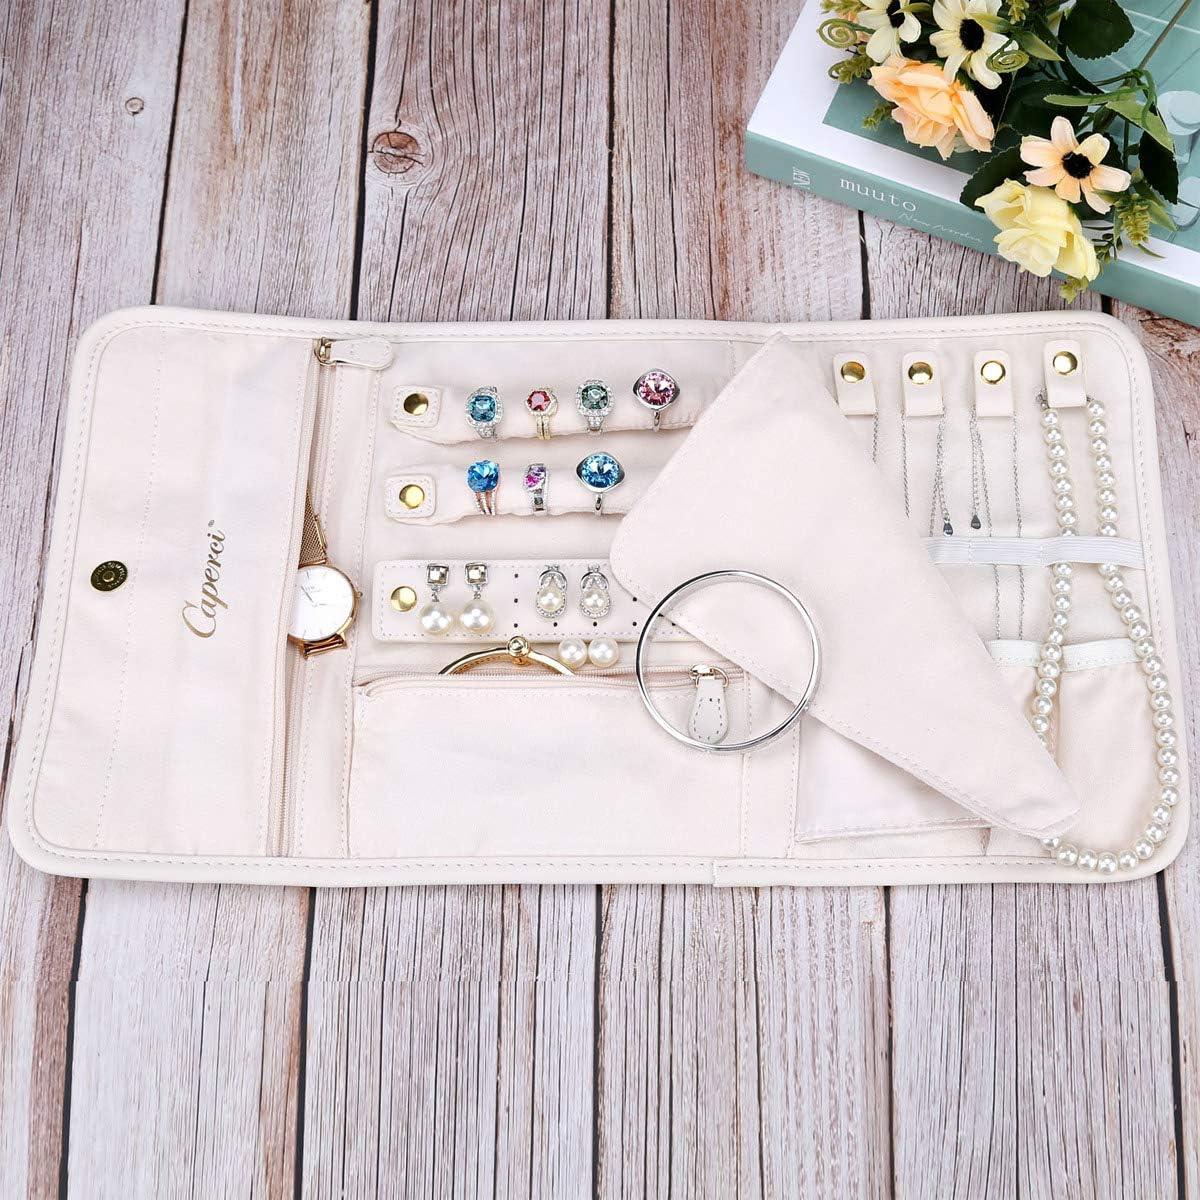 Colliers bagues Caperci Organiseur de Bijoux Pliable en Cuir pour Voyage Boucles doreilles Bracelets